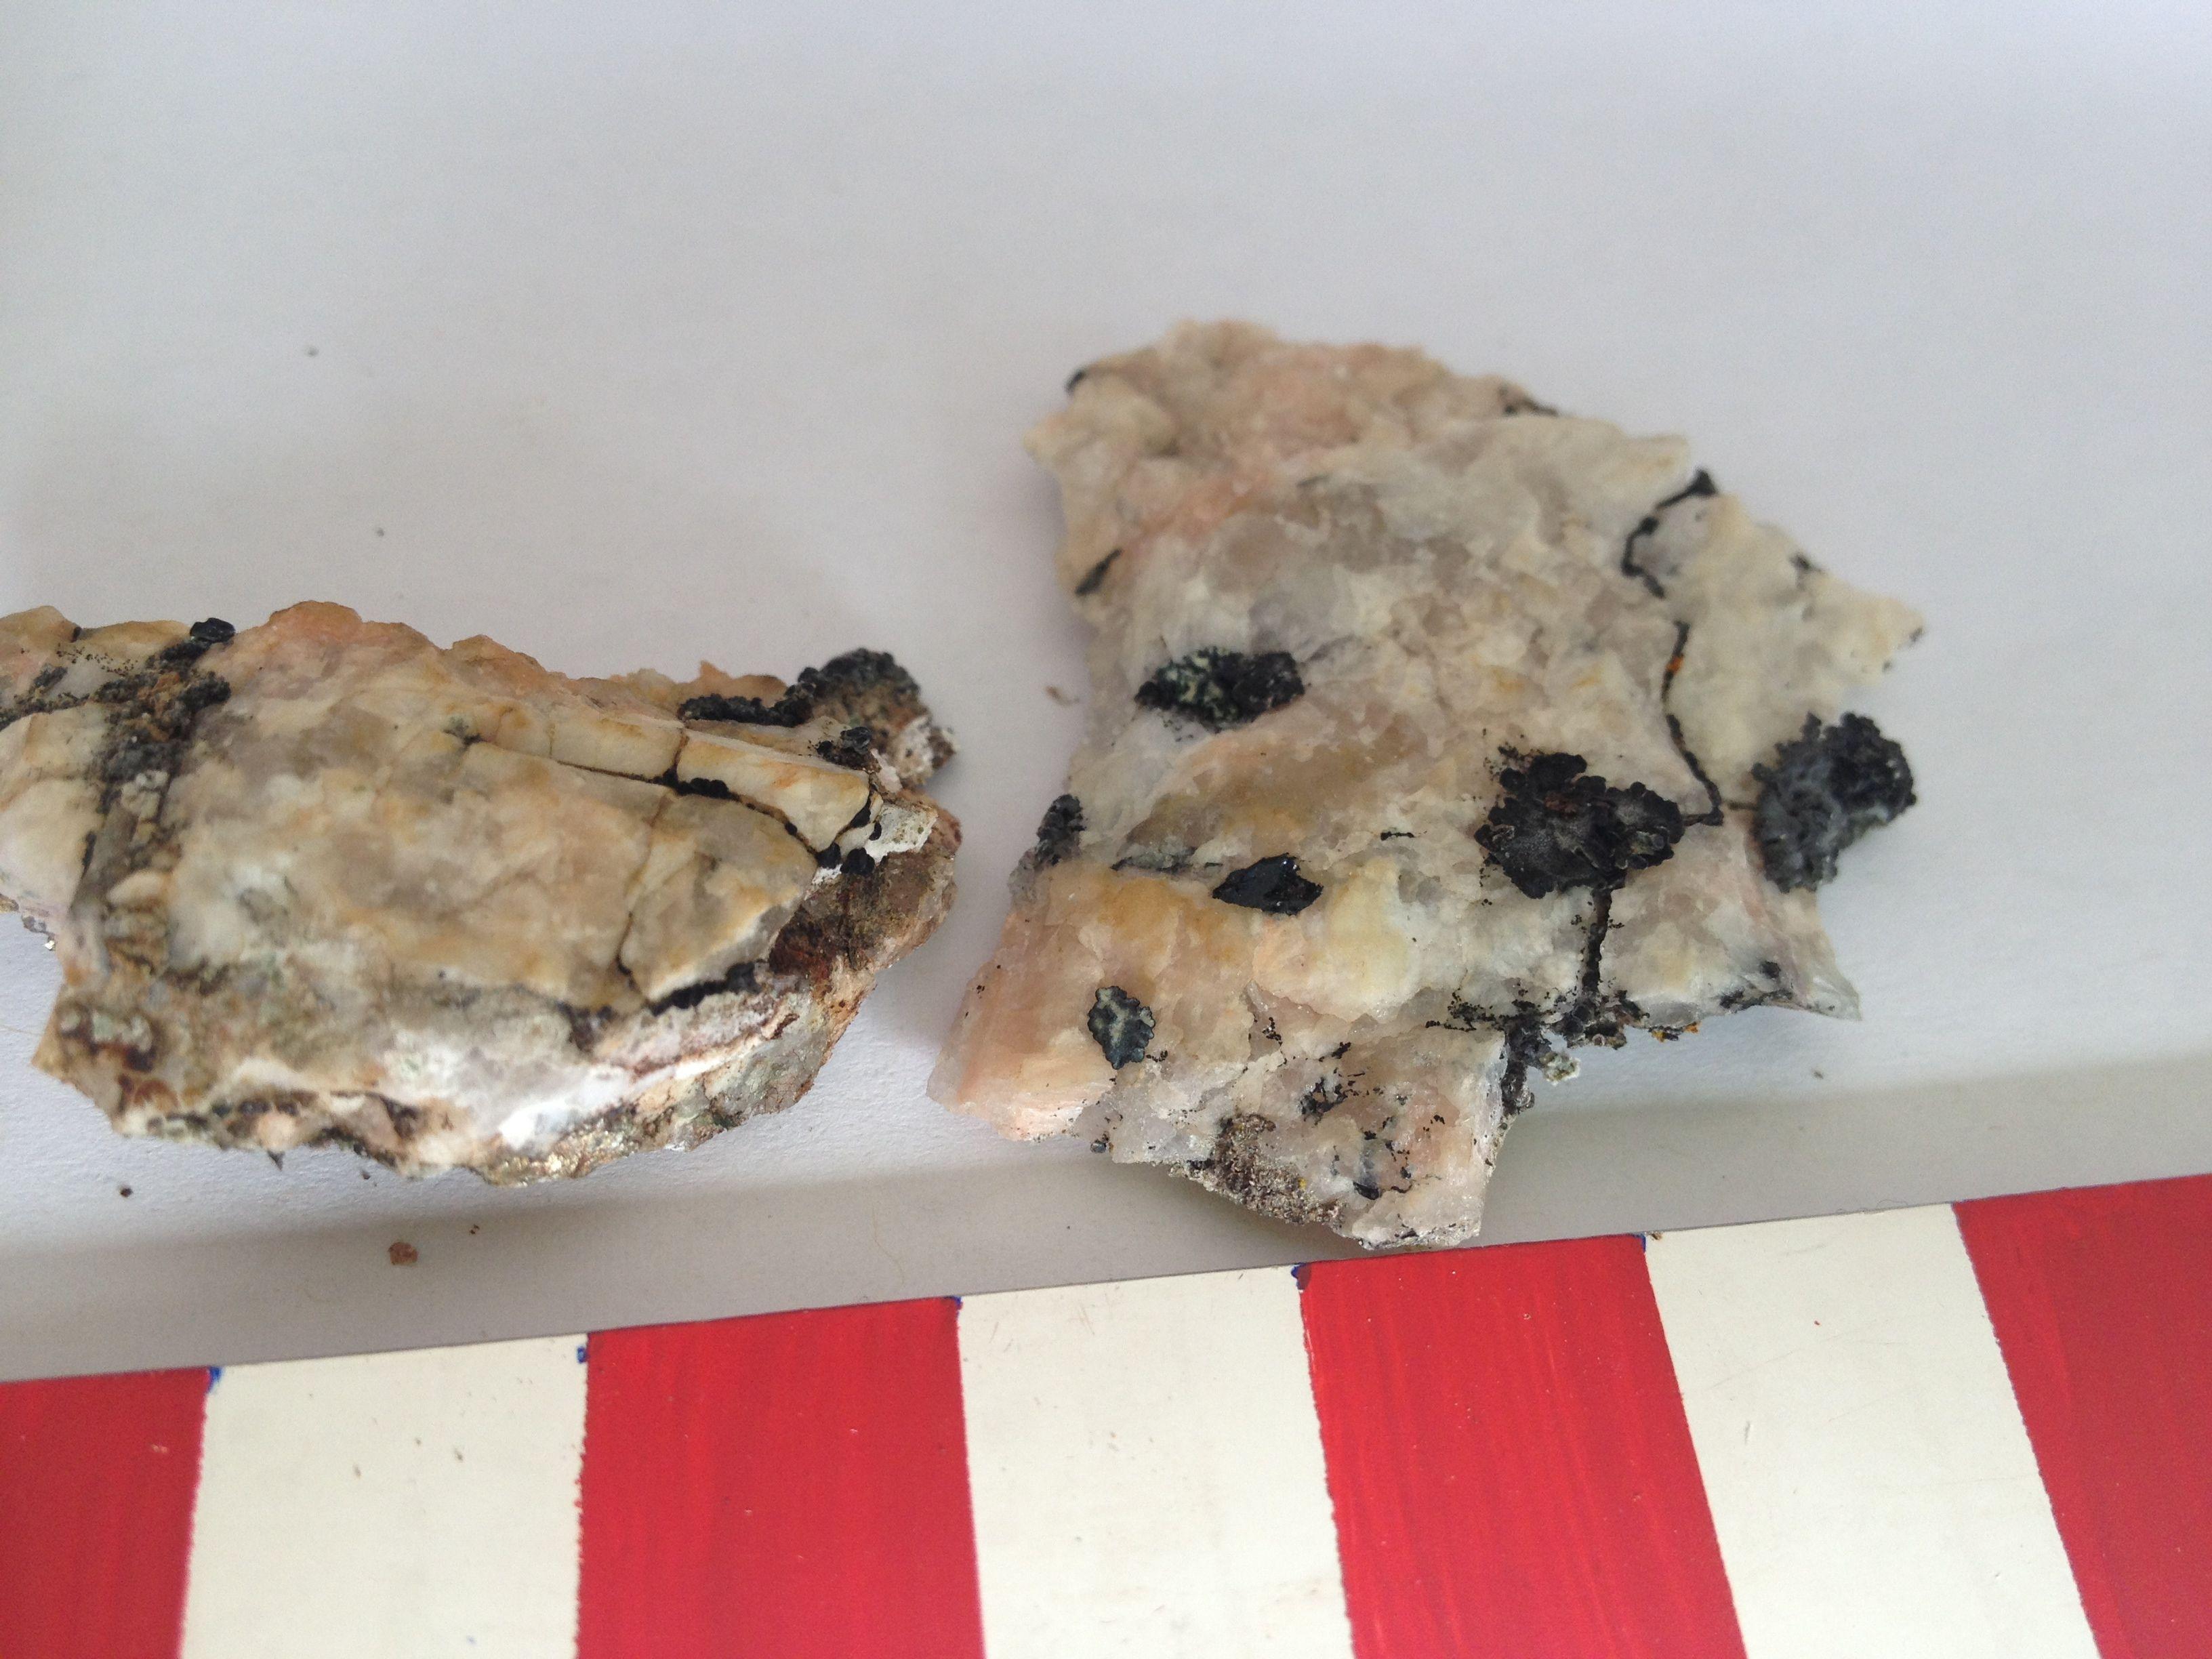 Schwarze Pilze siedeln sich nicht nur auf Steinoberflächen an, sondern auch im Menschen.